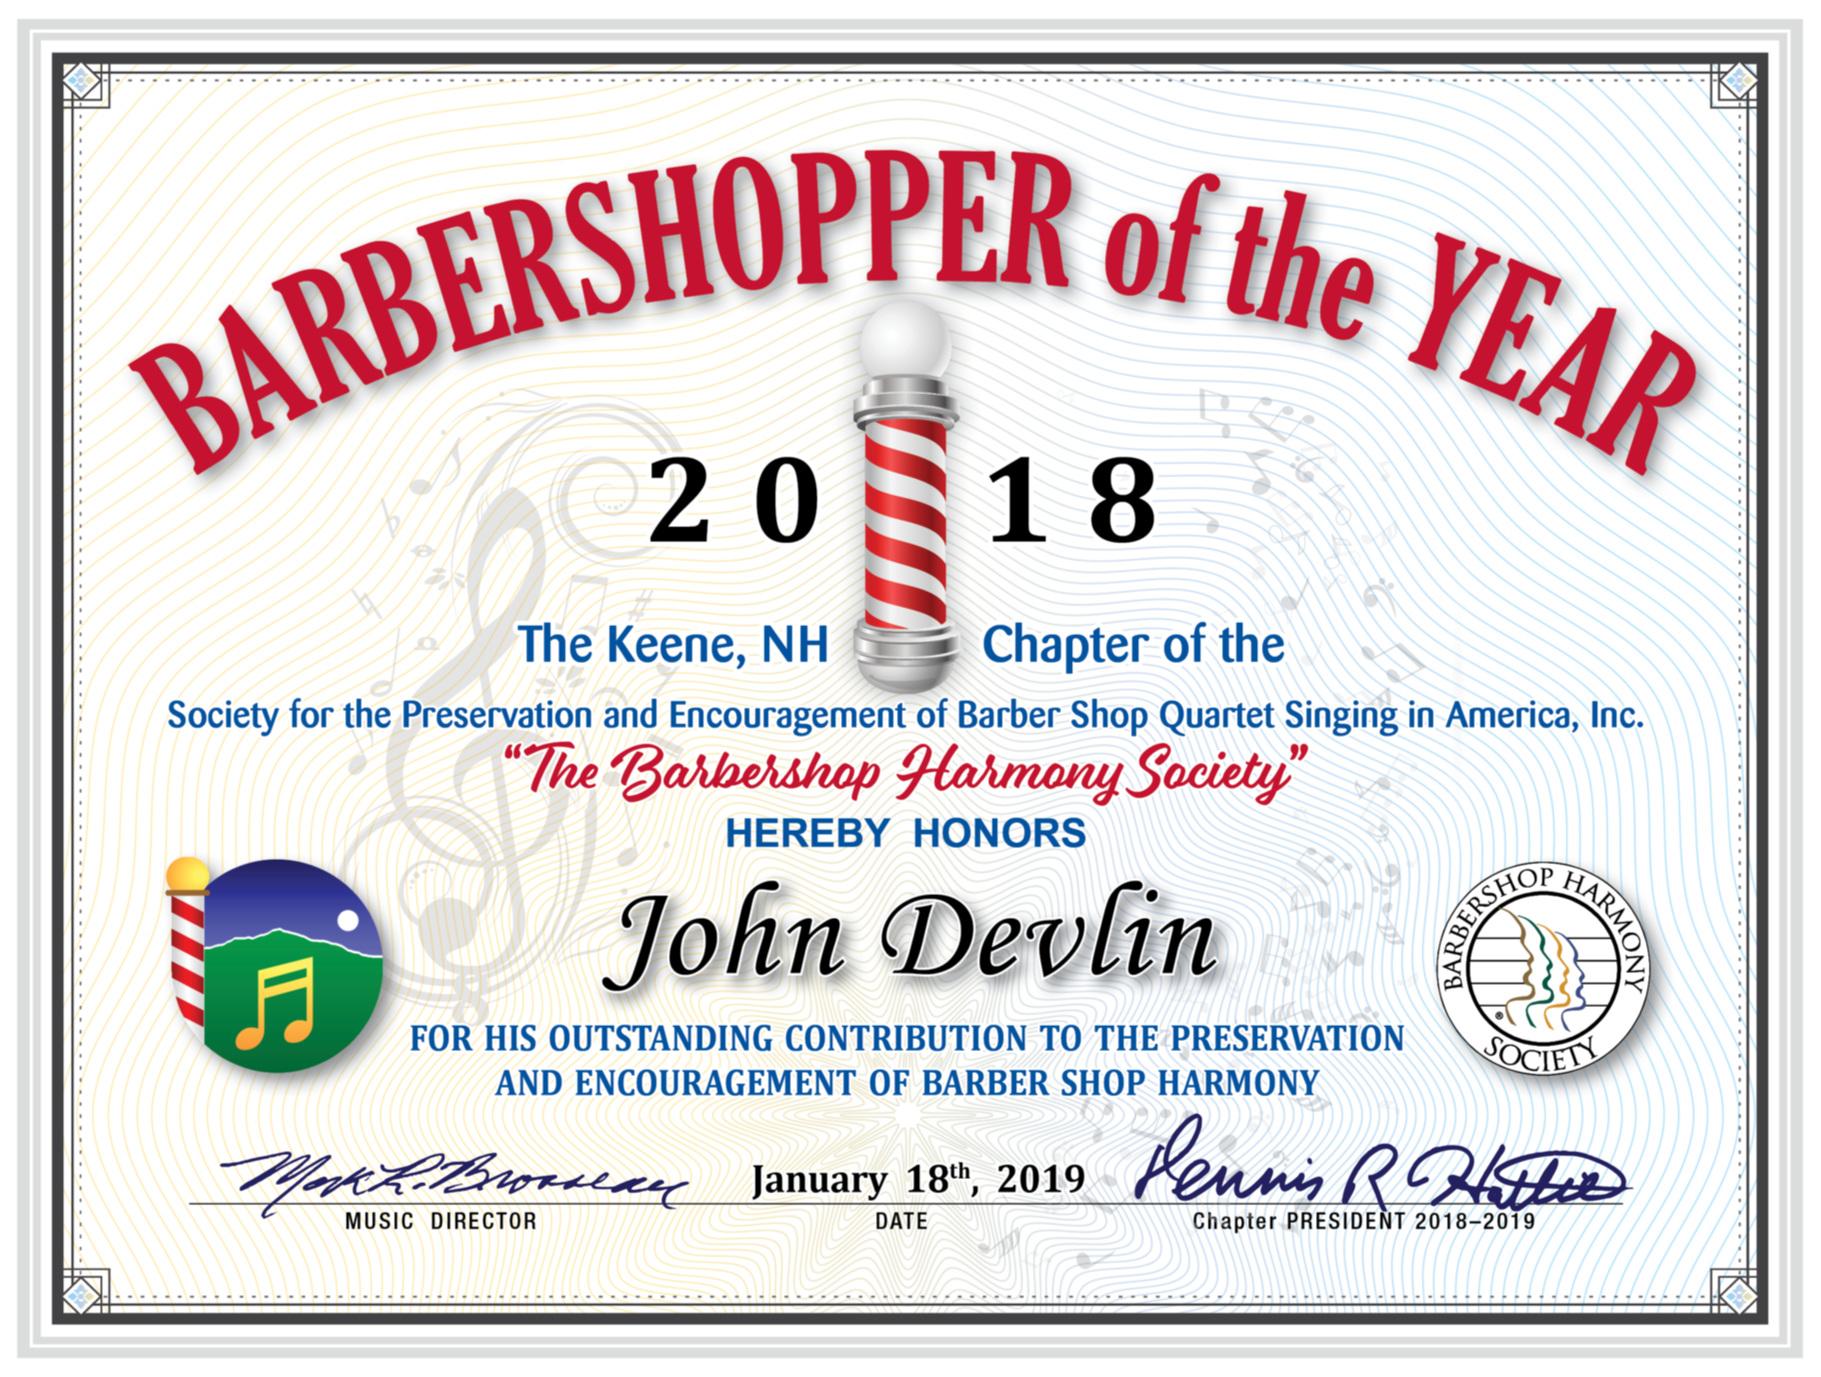 2018-BOTY-Certificate-V2-JohnDevlin-Jan2019install.jpg